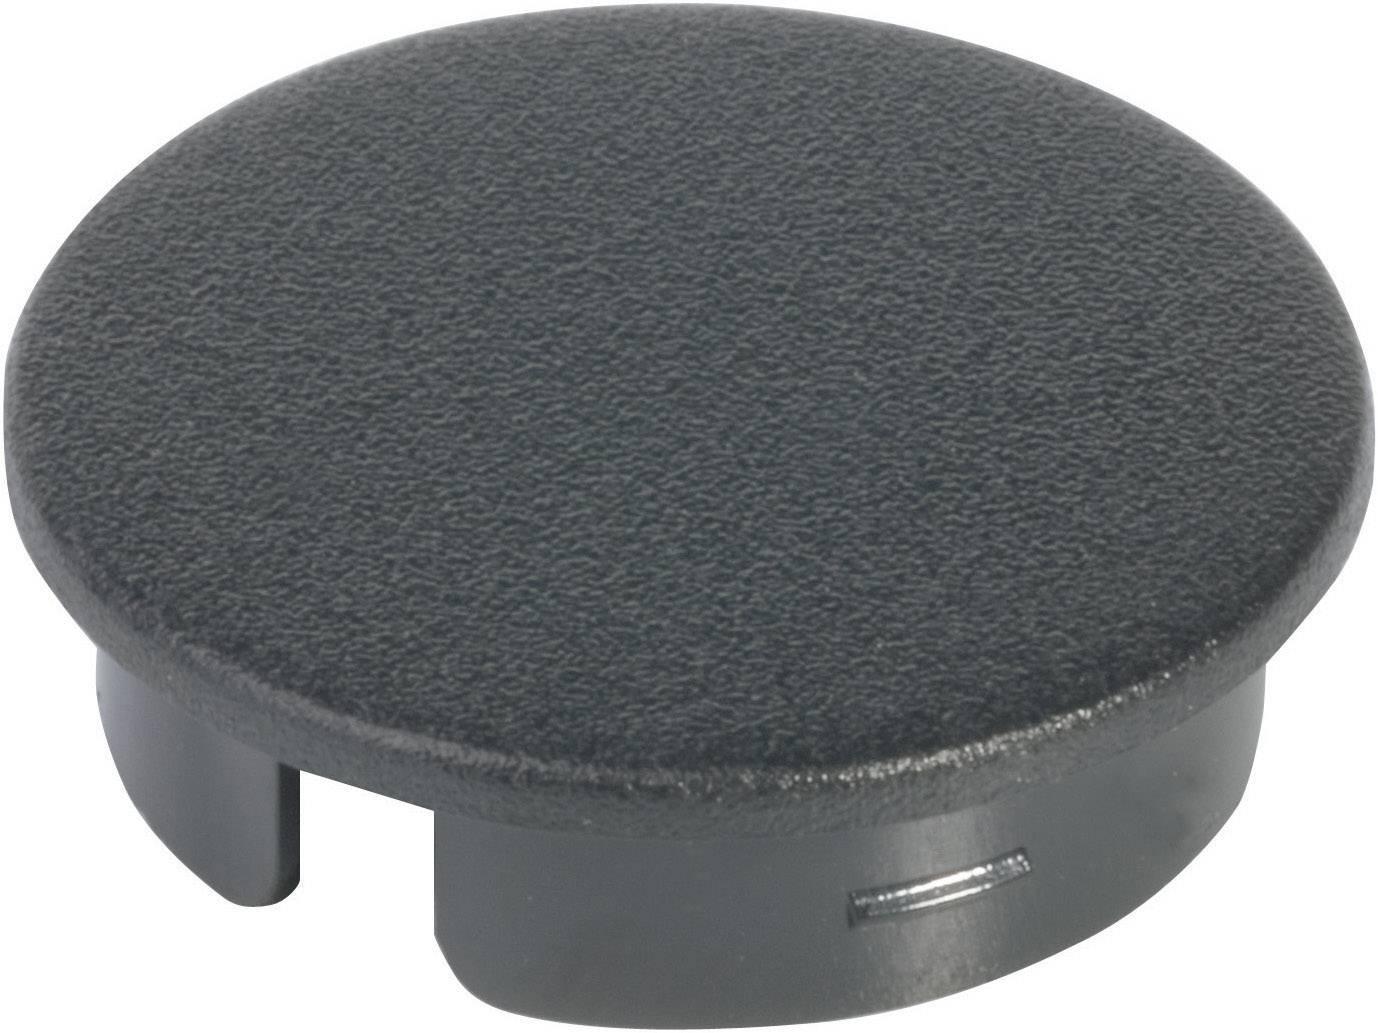 Krytka na otočný knoflík bez ukazatele OKW, pro knoflíky/O 31 mm, černá